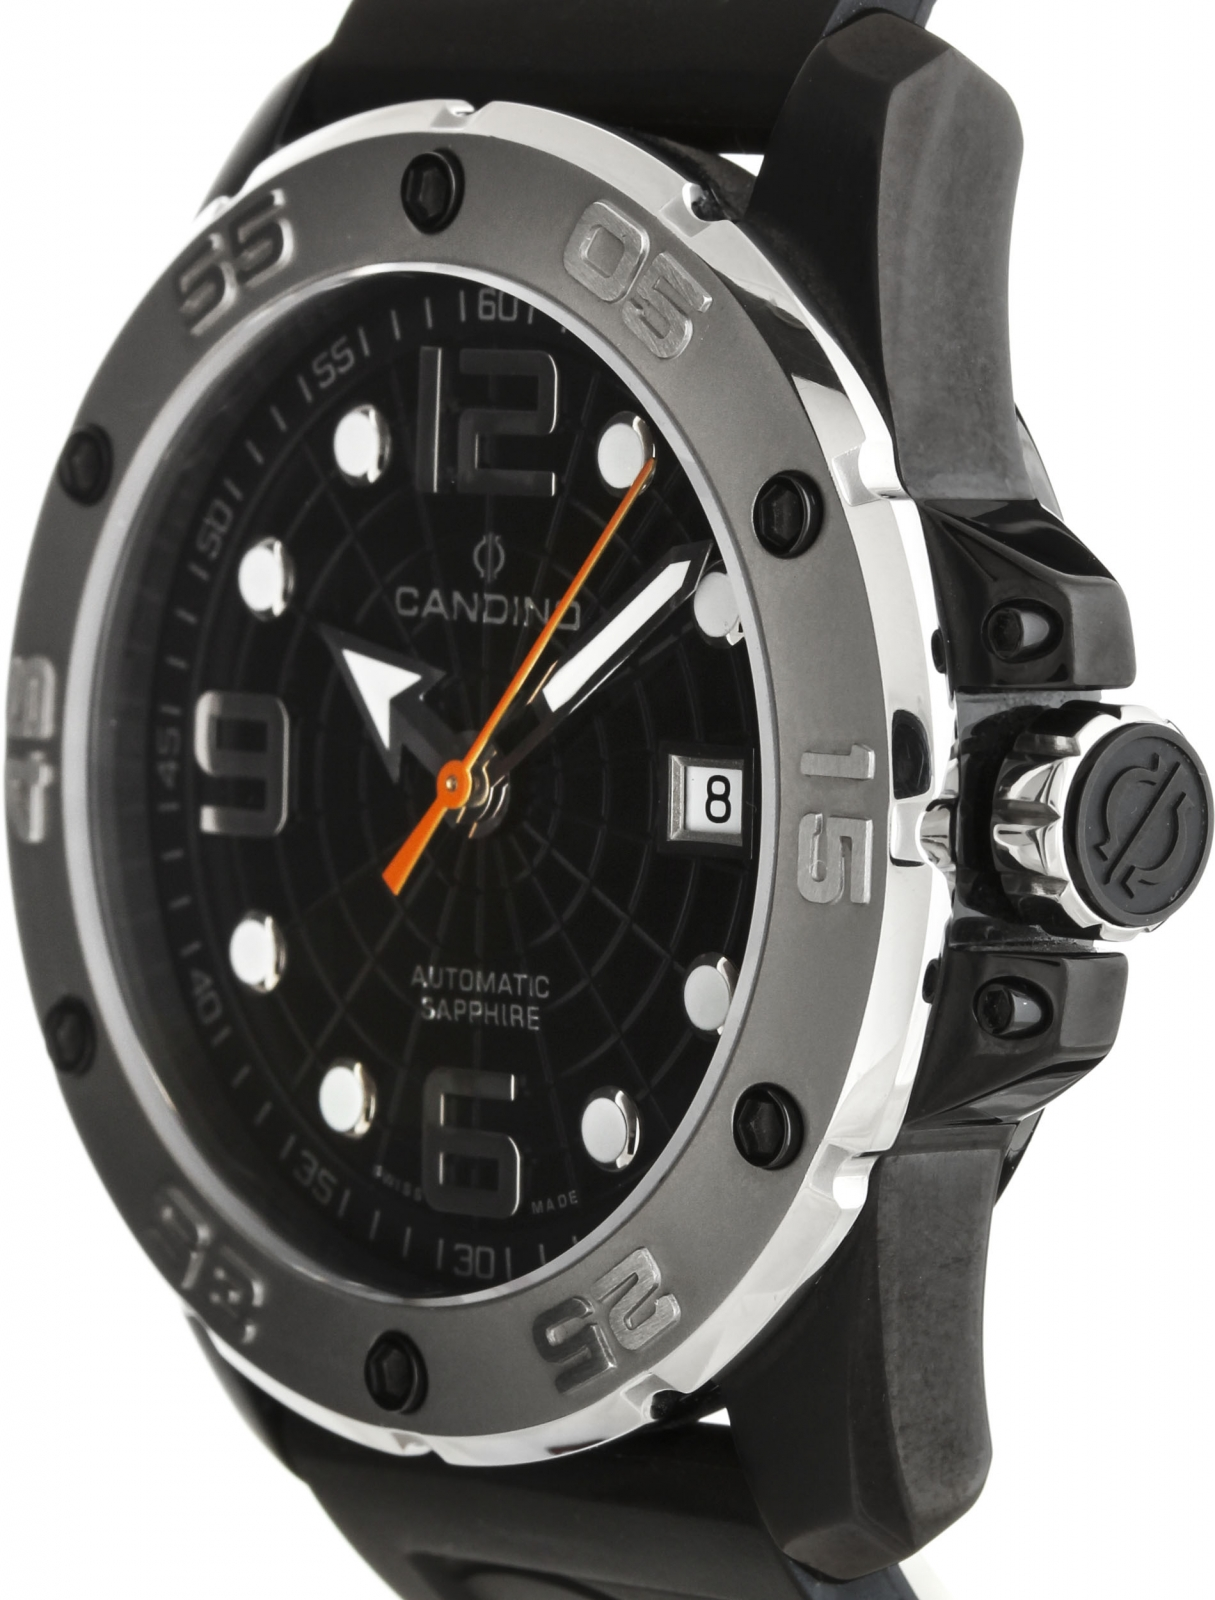 Candino Planet Solar  C4474/3Наручные часы<br>Швейцарские часы Candino Planet Solar C4474/3Представленная модель входит в коллекцию Planet Solar . Это модные мужские часы. Материал корпуса часов &amp;mdash; сталь. В этих часах используется сапфировое стекло. Водозащита этих часов 200 м.<br><br>Пол: Мужские<br>Страна-производитель: Швейцария<br>Механизм: Механический<br>Материал корпуса: Сталь<br>Материал ремня/браслета: Каучук<br>Водозащита, диапазон: 200 - 800 м<br>Стекло: Сапфировое<br>Толщина корпуса: None<br>Стиль: None